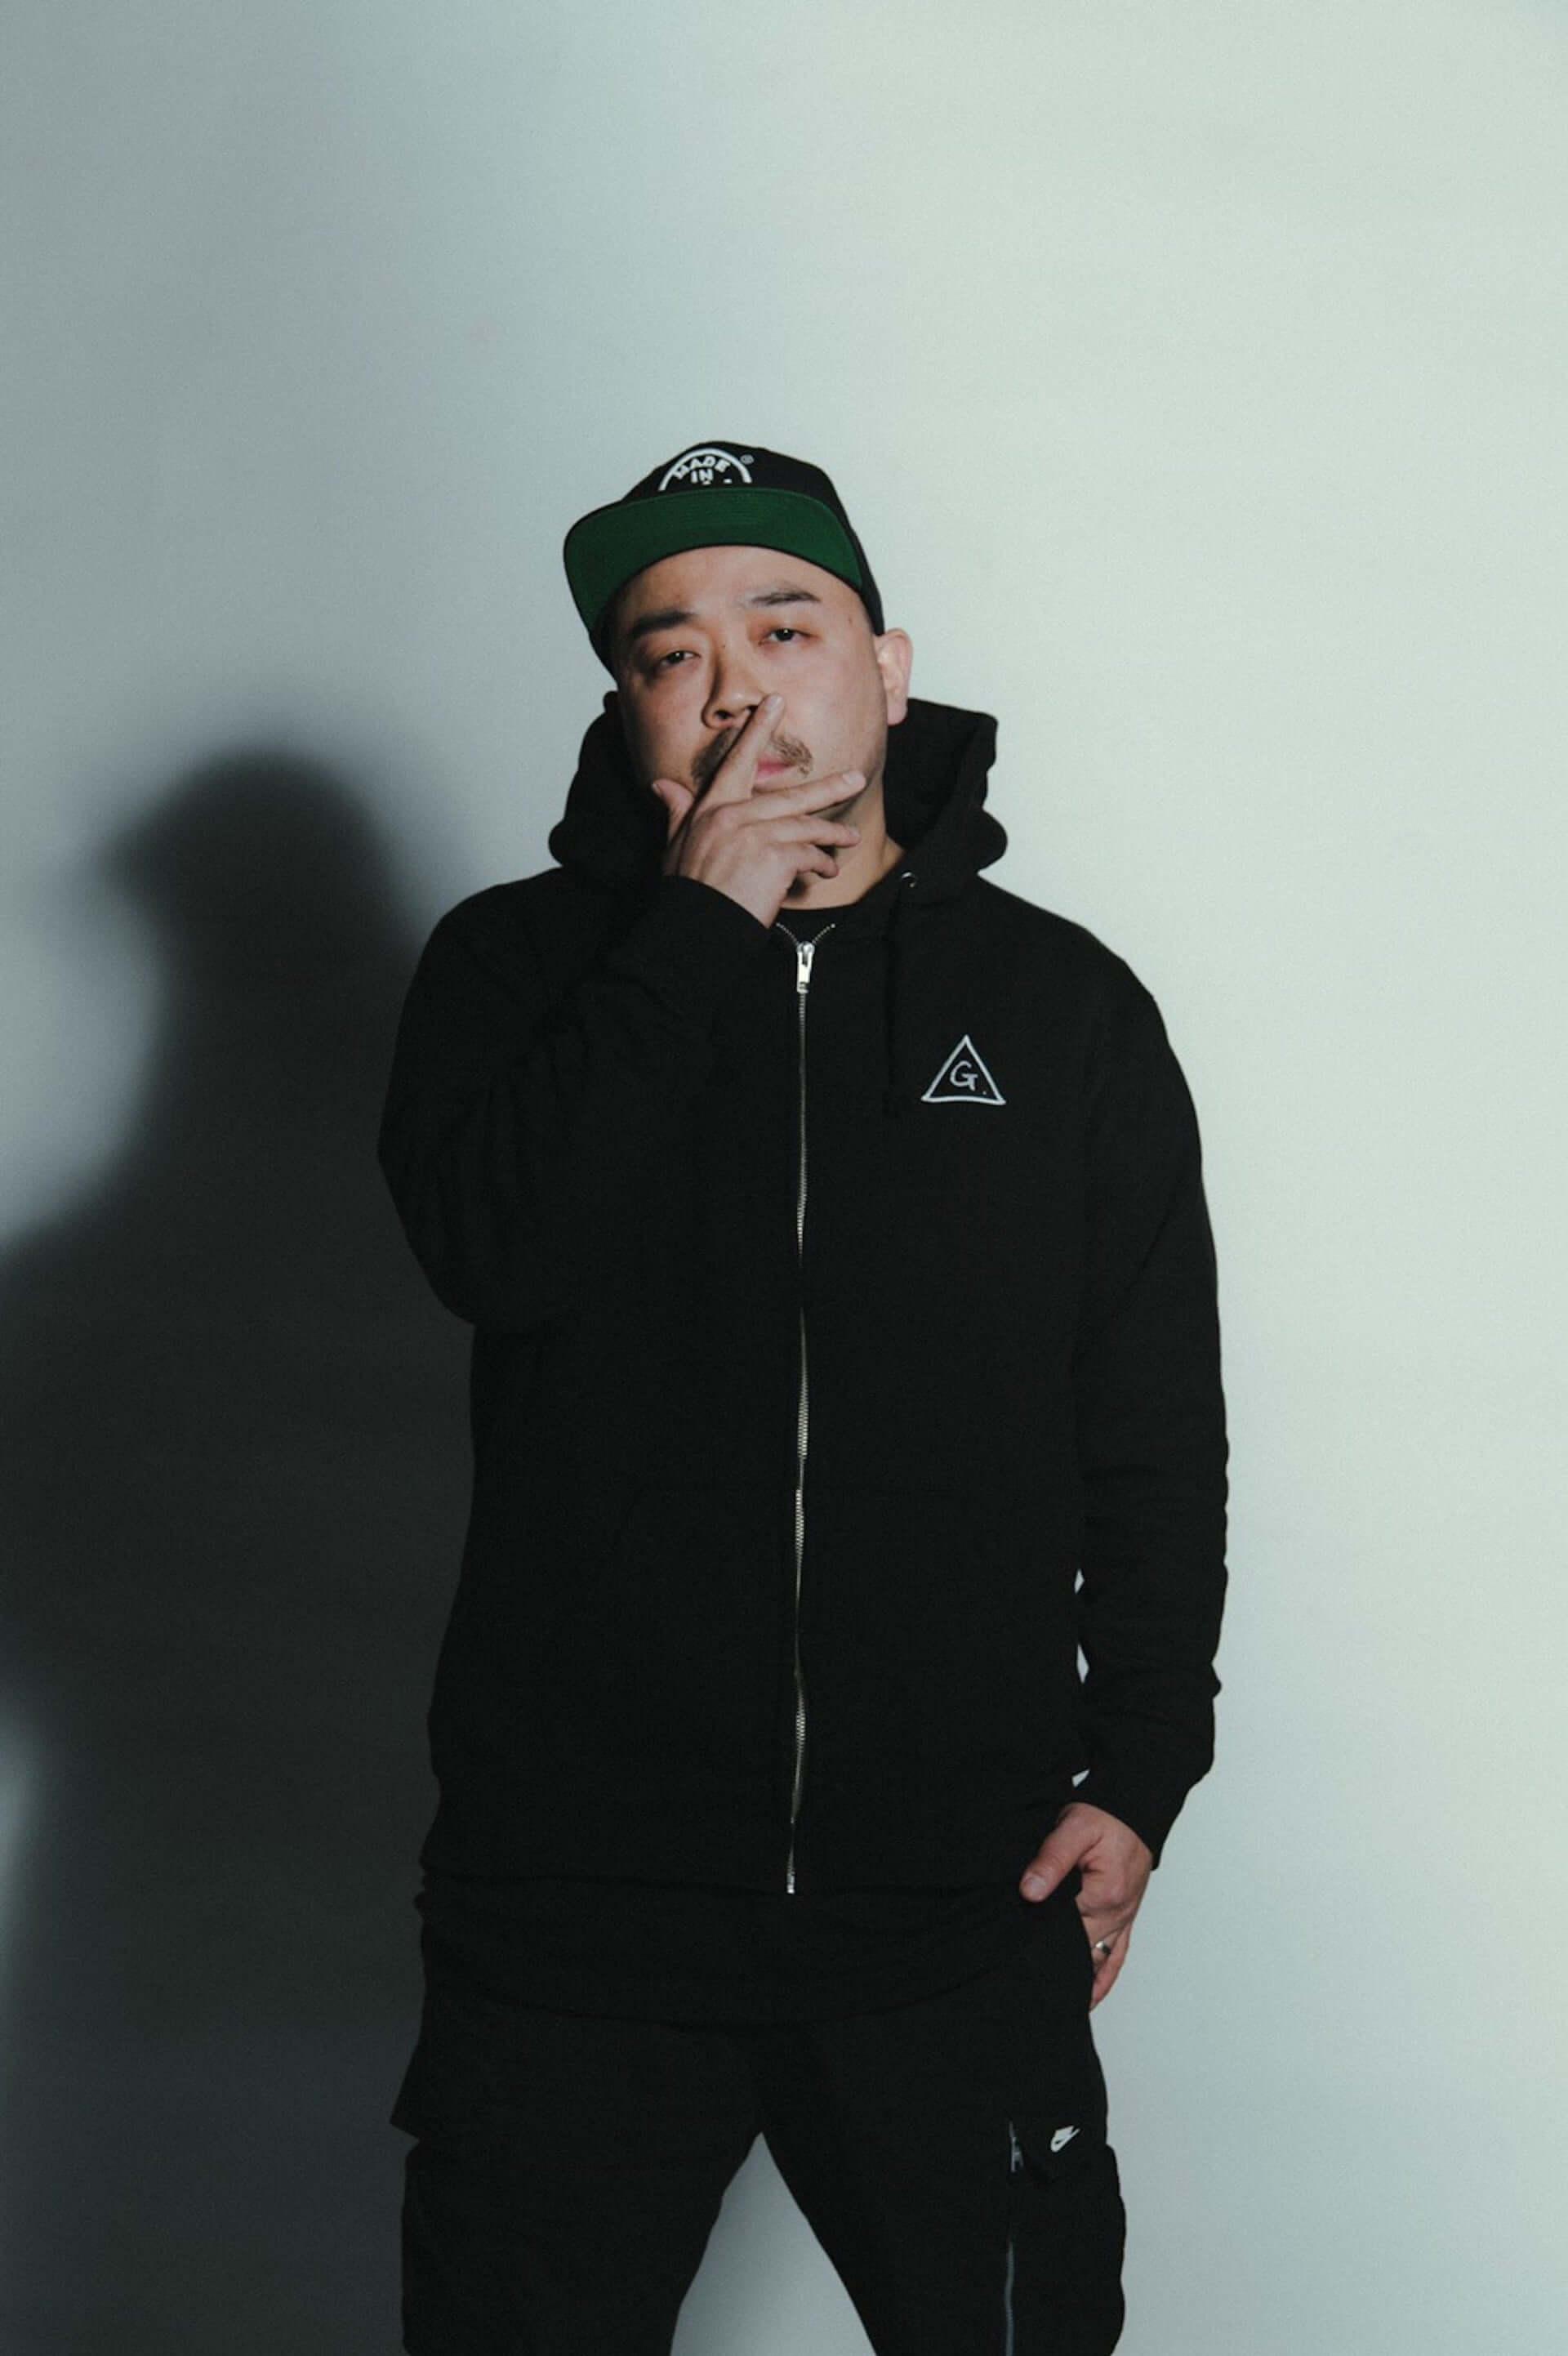 渋谷・VISIONの営業再開パーティー第3&4弾が今週末開催!FUJI TRILL、DJ HAZIME、DJ CHARI&DJ TATSUKIらが出演 music200625_vision-tokyo_2-1920x2884